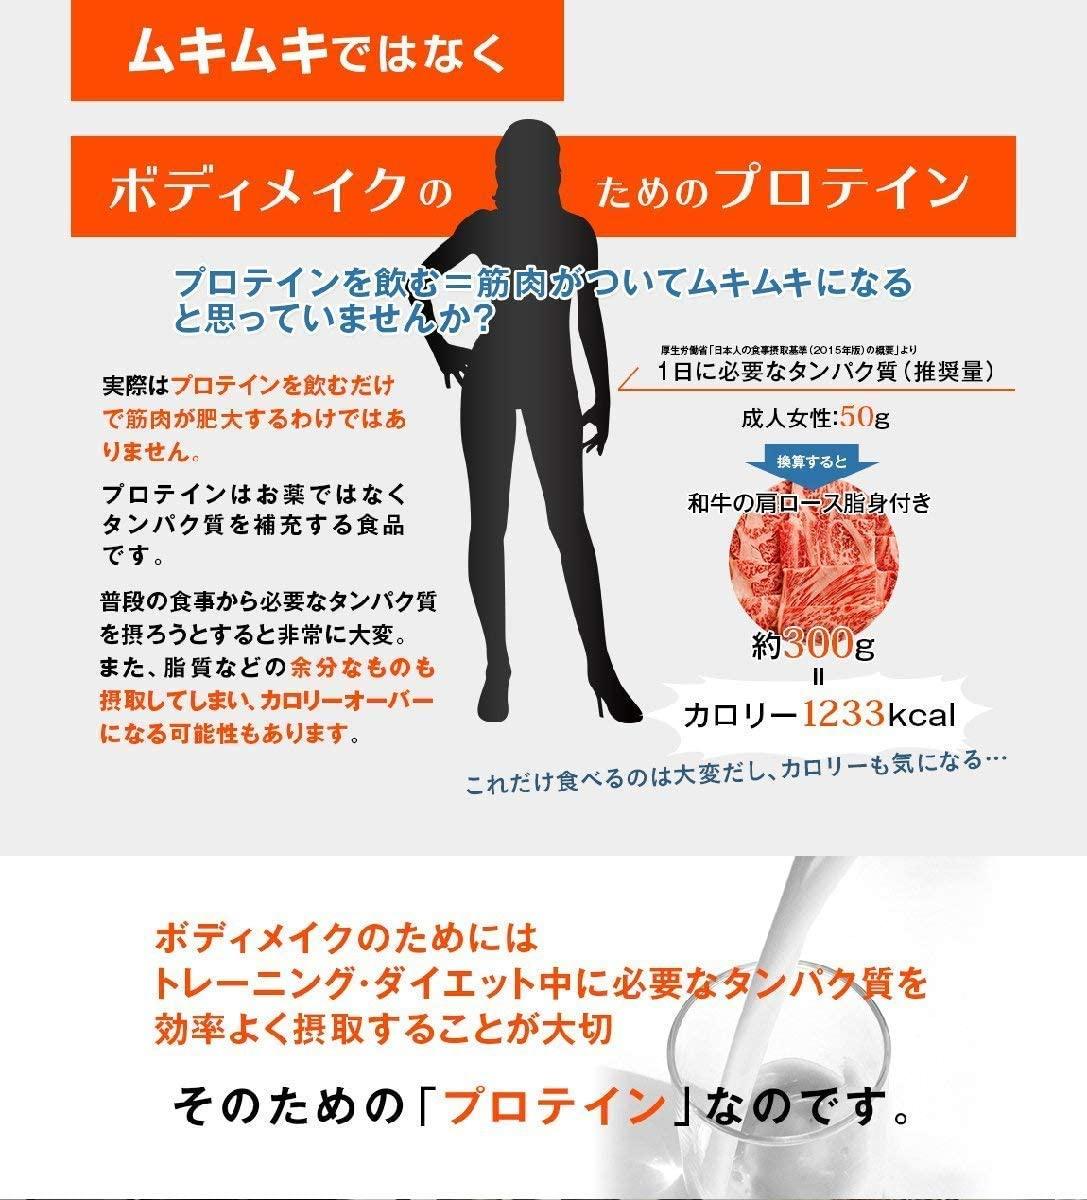 FINE(ファイン) AYA'sセレクション プロテイン ダイエット スムージーの商品画像2